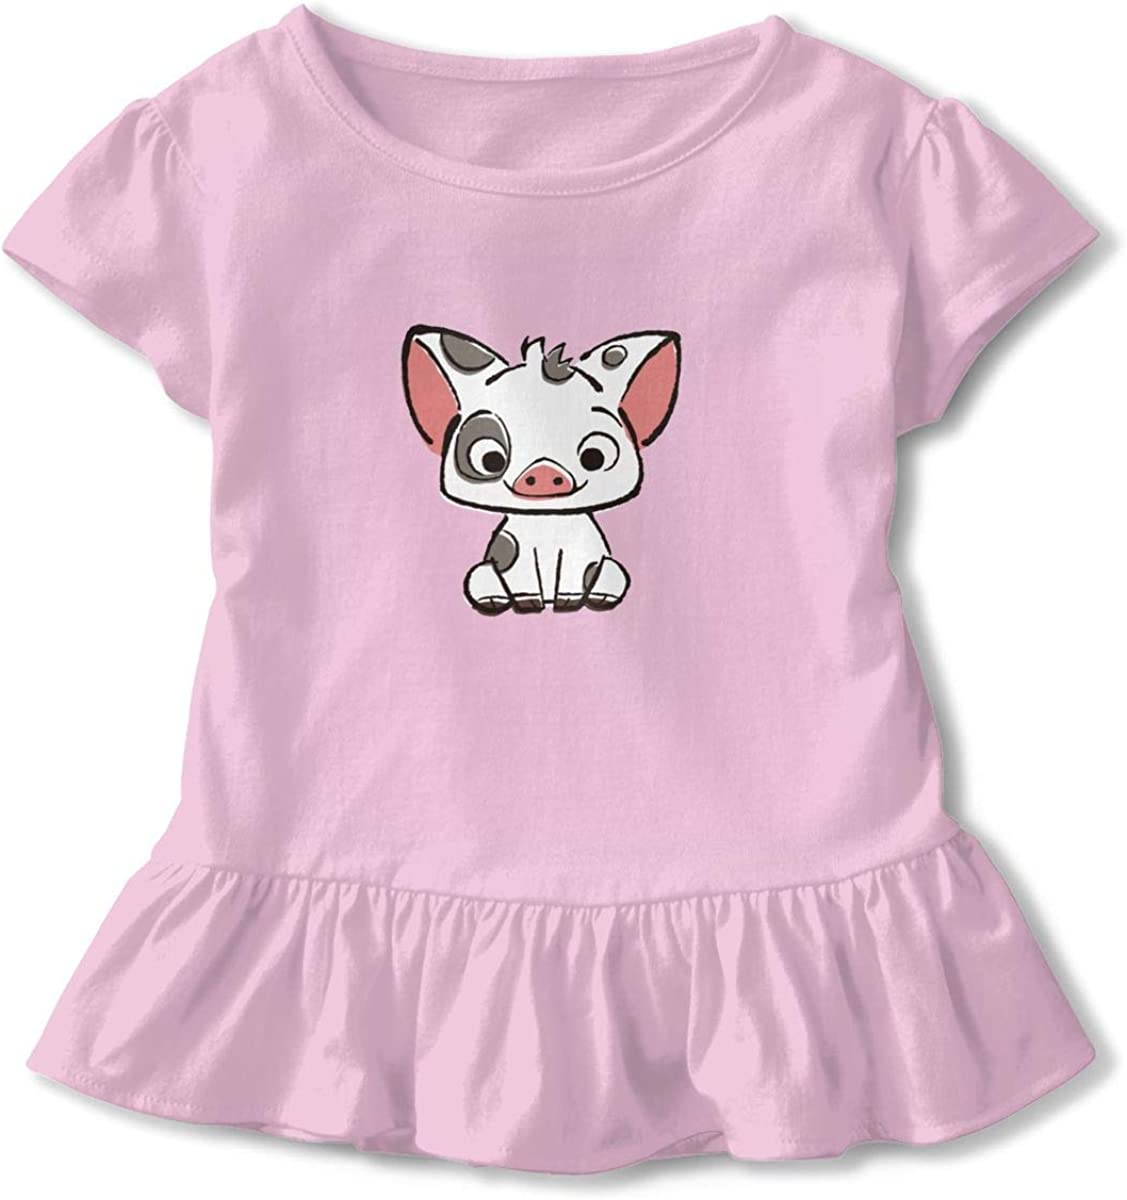 Richard Moana Pua The Pot Bellied Pig Little Girls Baseball Ruffle Short Sleeve Cotton T Shirt Top 2-6T Pink3T